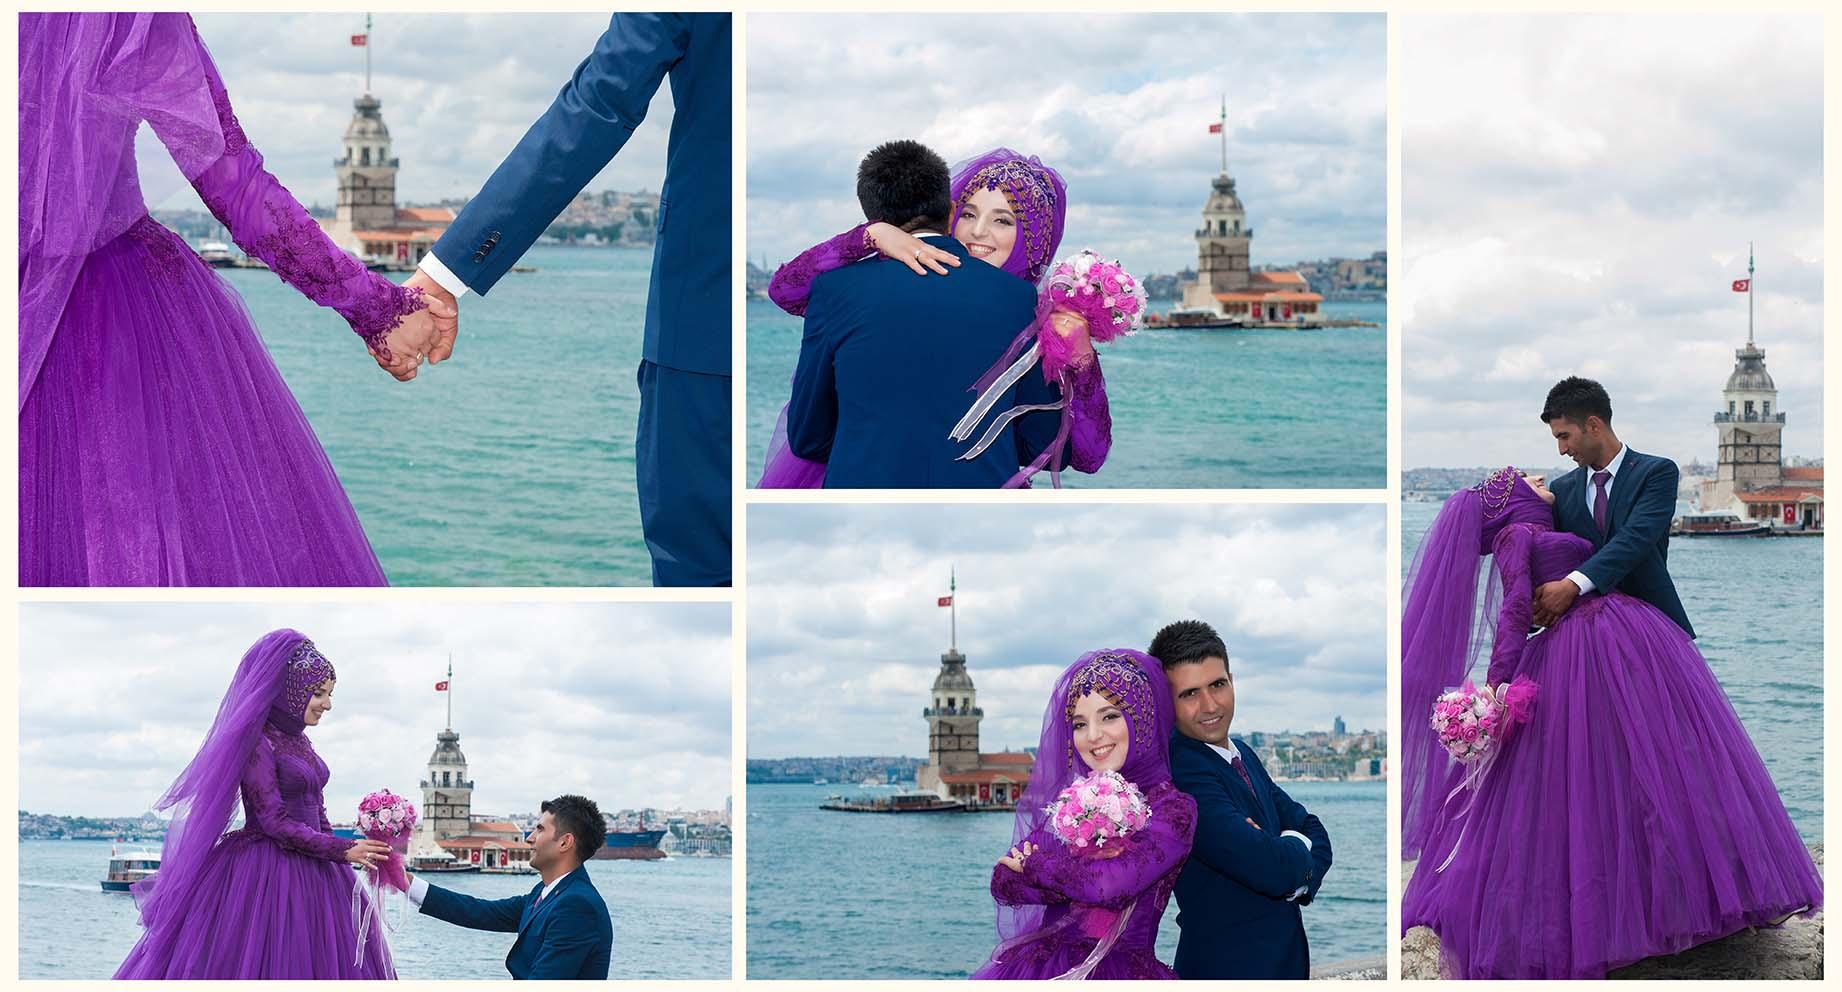 kız kulesi düğün fotoğrafları - k  z kulesi ni  an foto  raflar   - Kız Kulesi, Fethi Paşa Korusu, Kuzguncuk Boğaz Sahil Düğün Fotoğrafları Çekimi